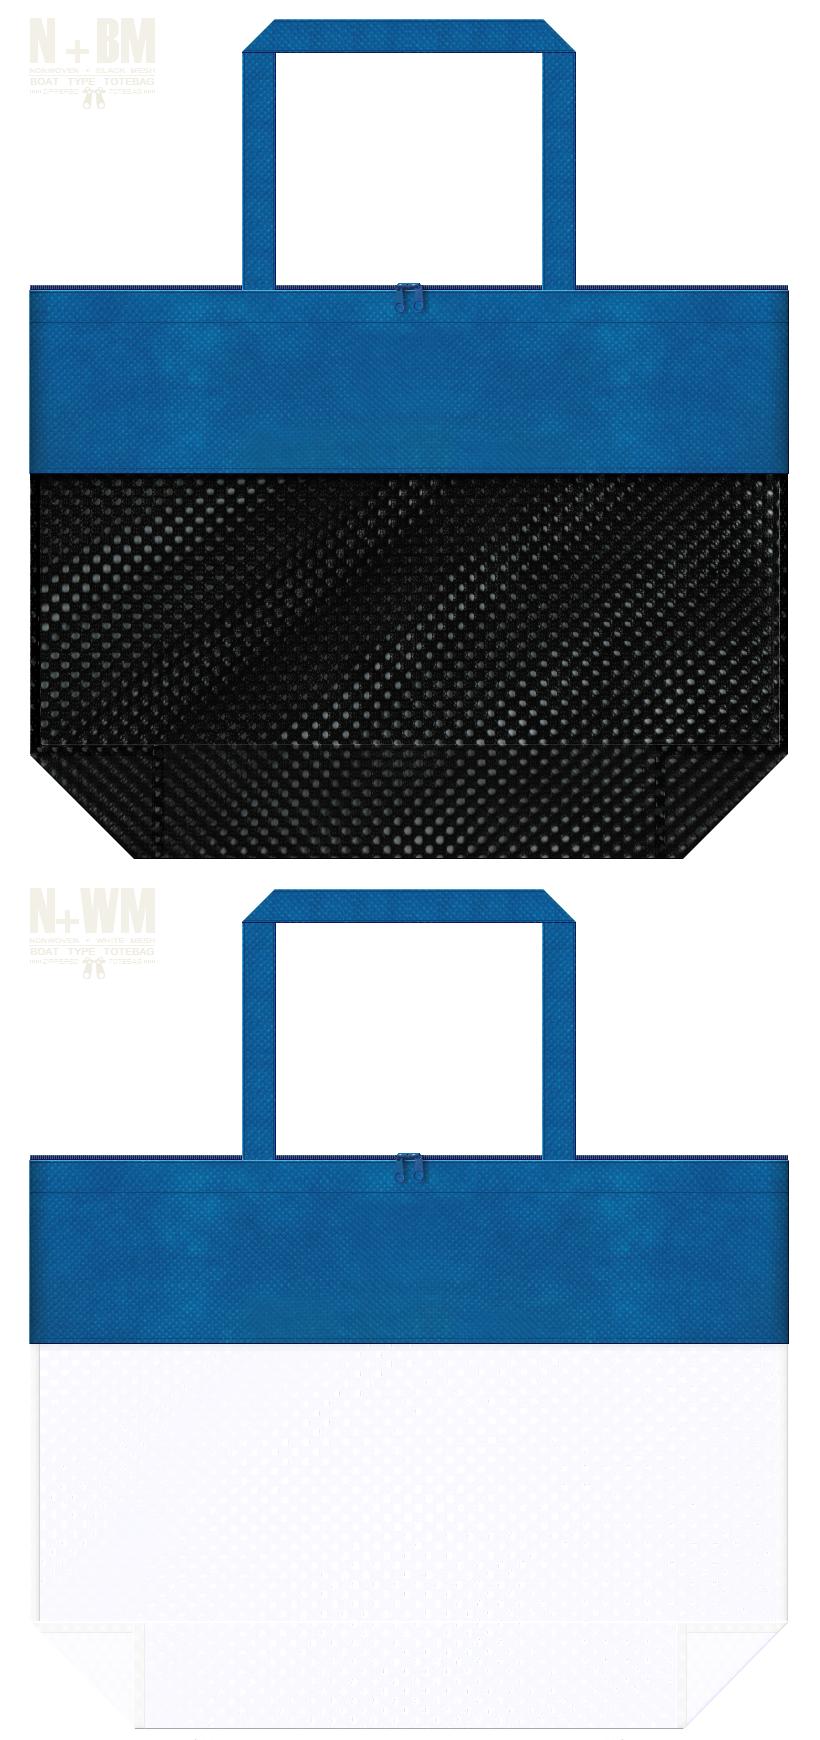 台形型メッシュバッグのカラーシミュレーション:黒色・白色メッシュと青色不織布の組み合わせ